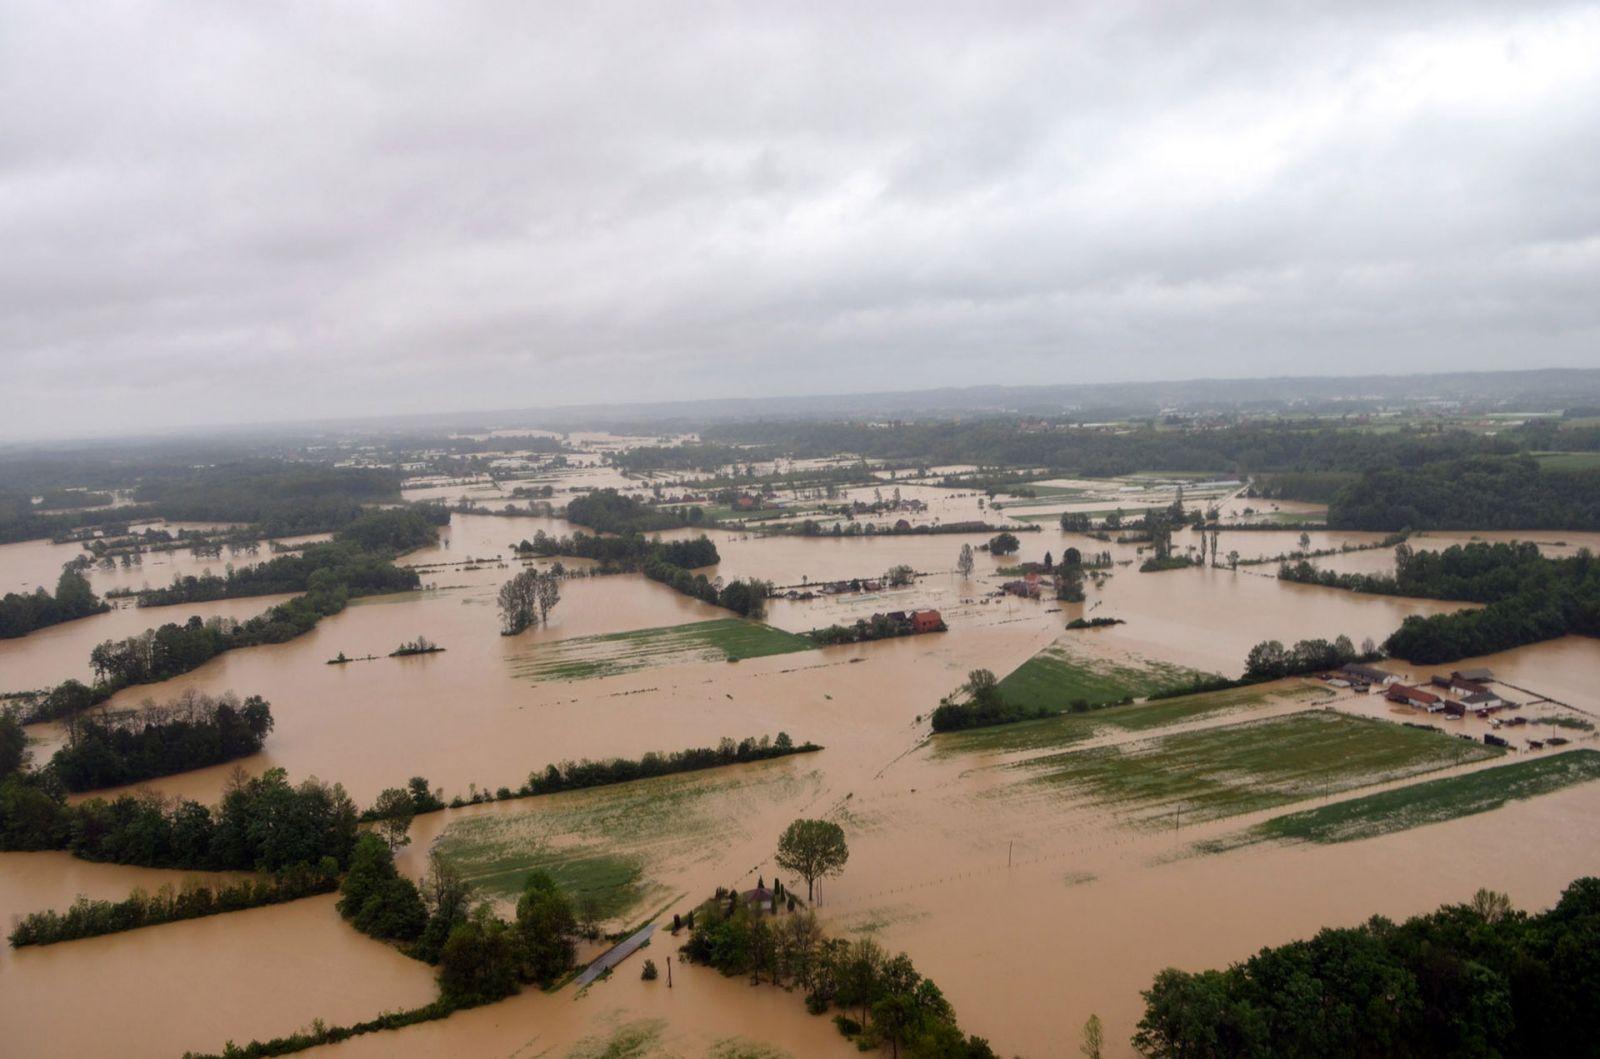 Image d'illustration pour Intempéries et inondations en Europe Centrale (Autriche, Serbie, Bosnie)